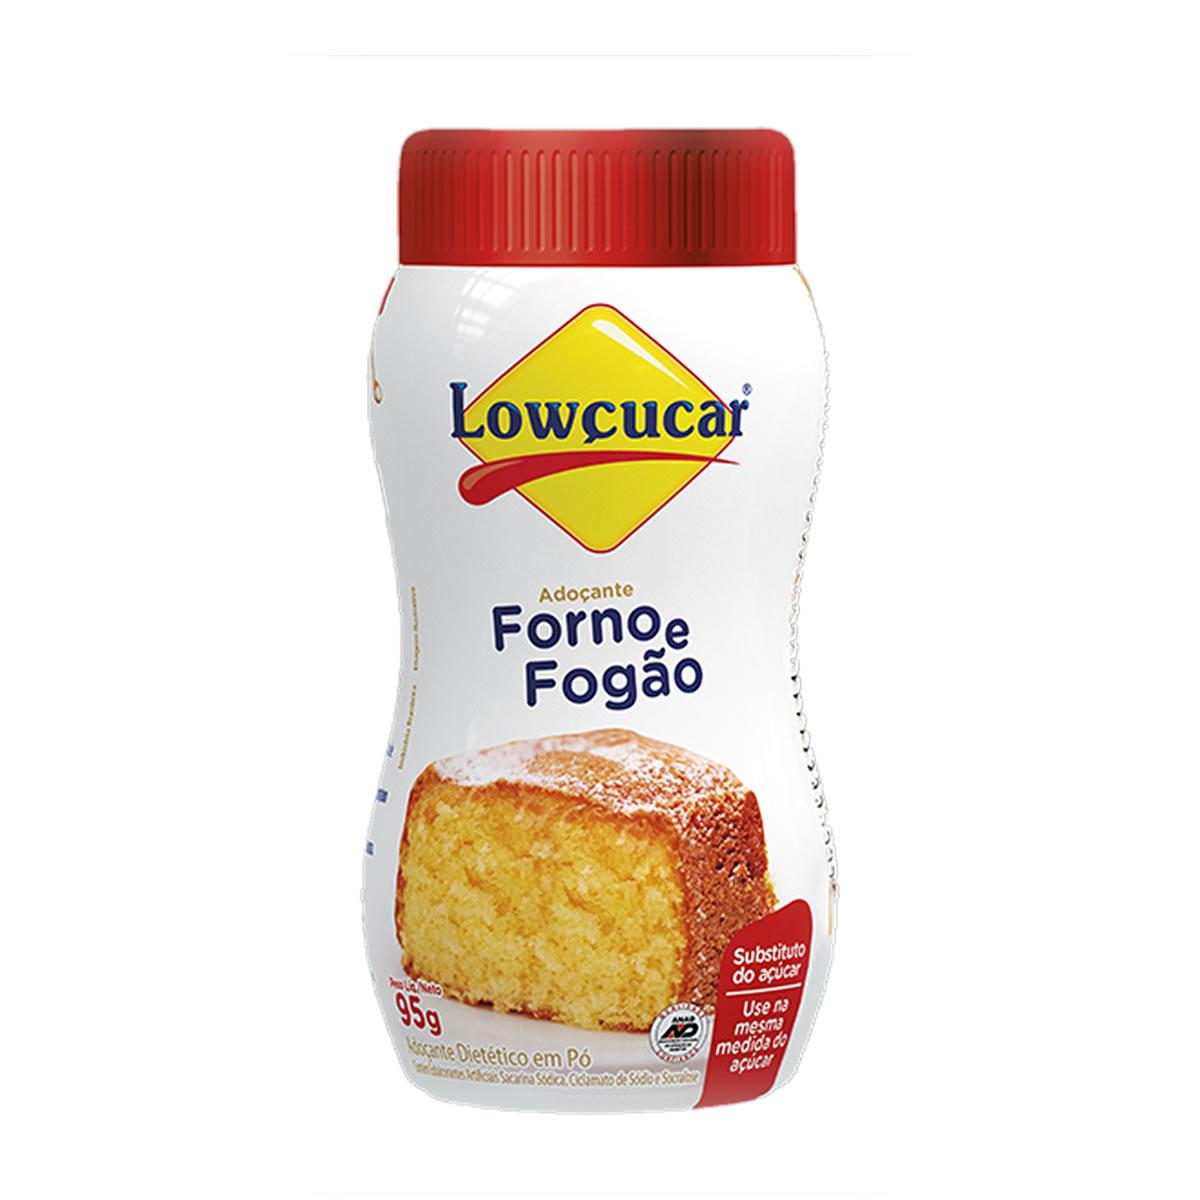 Adoçante Forno e Fogão 95g - Lowçucar